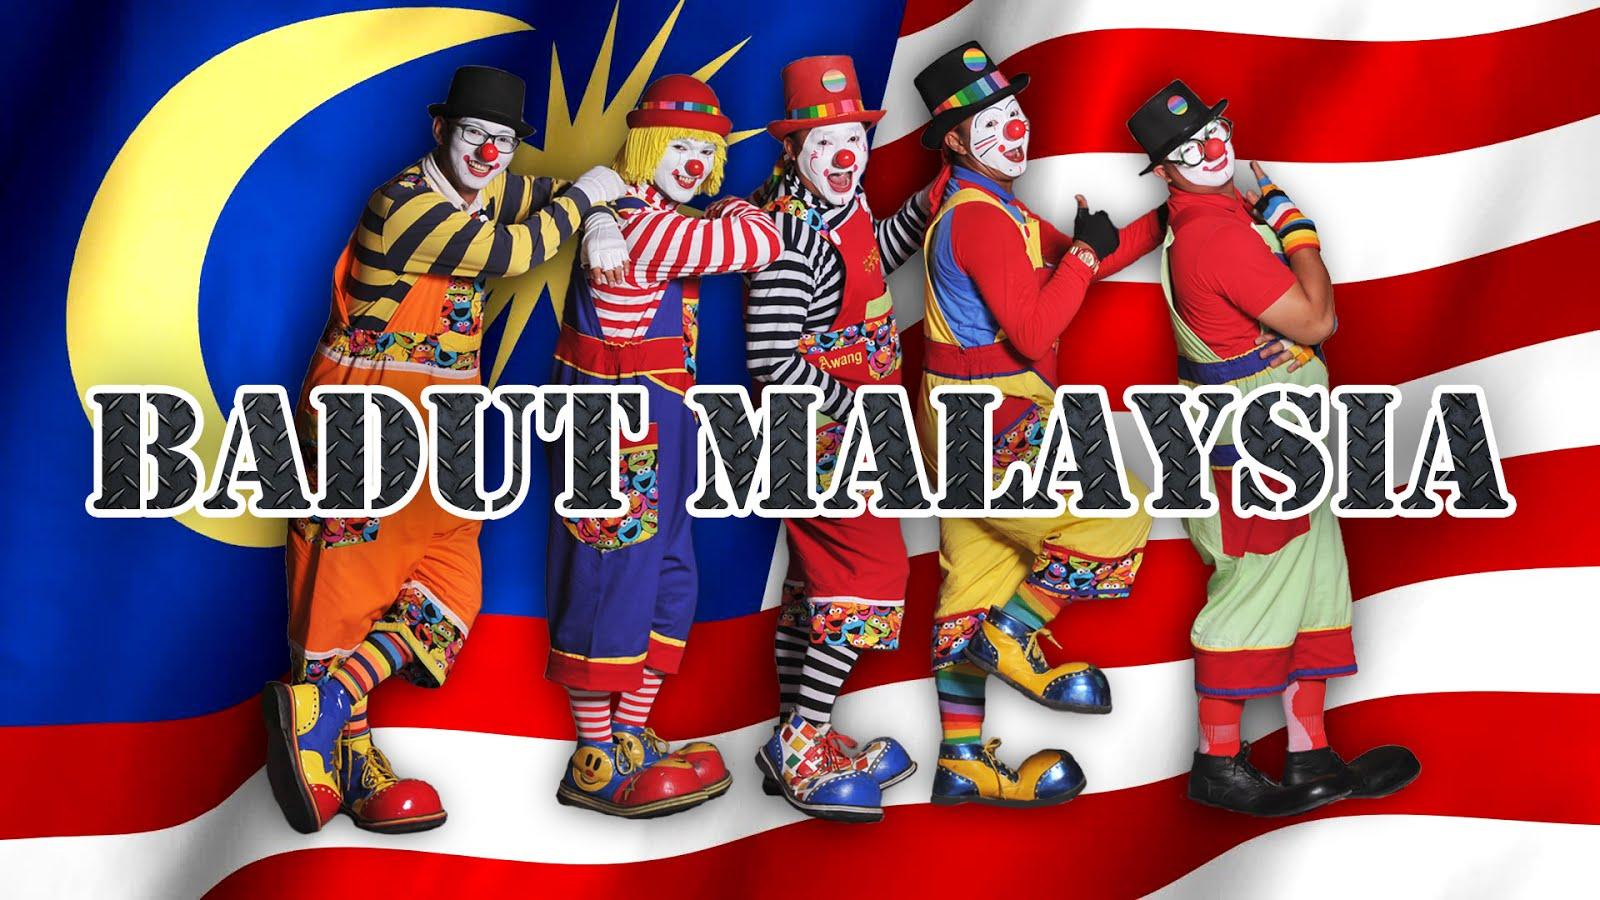 badut -badut, clown, malaysian clown, badut malaysia, badut nakal, badut yahoo, badut google.